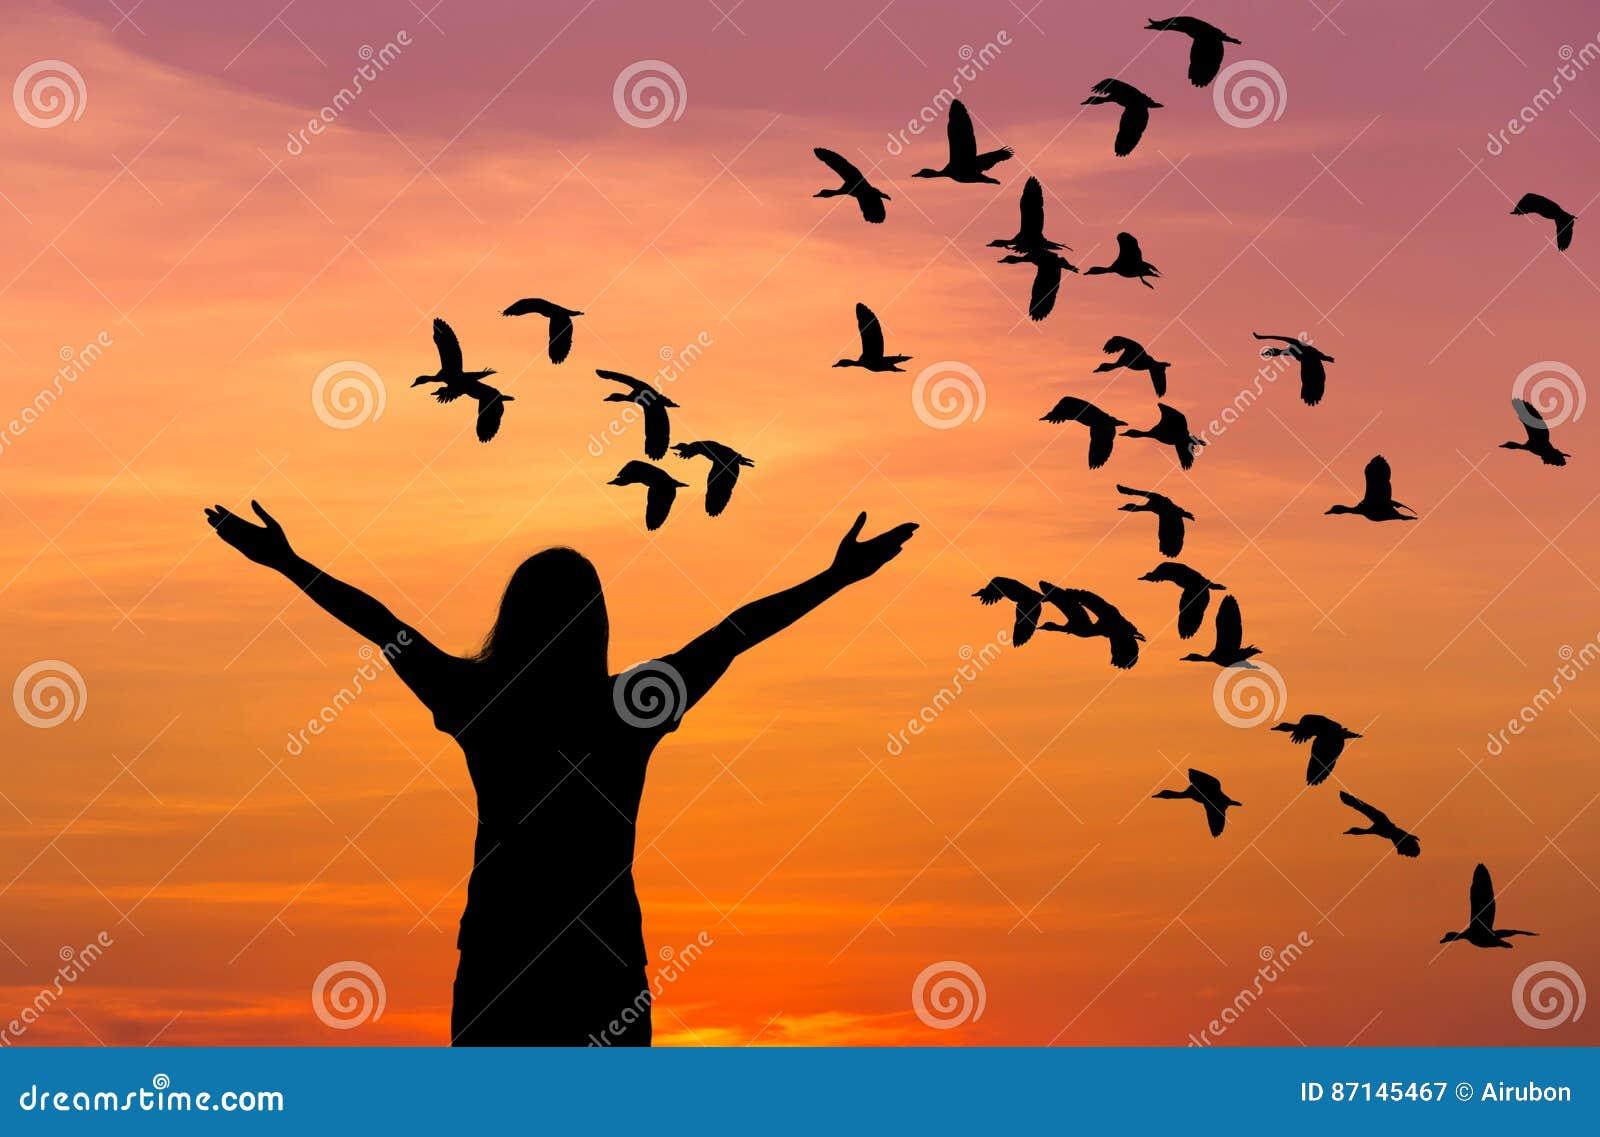 Sylwetki kobiety pozycja podnosząca w górę ręk podczas kierdla lesser świszczący kaczki latanie na zmierzchu